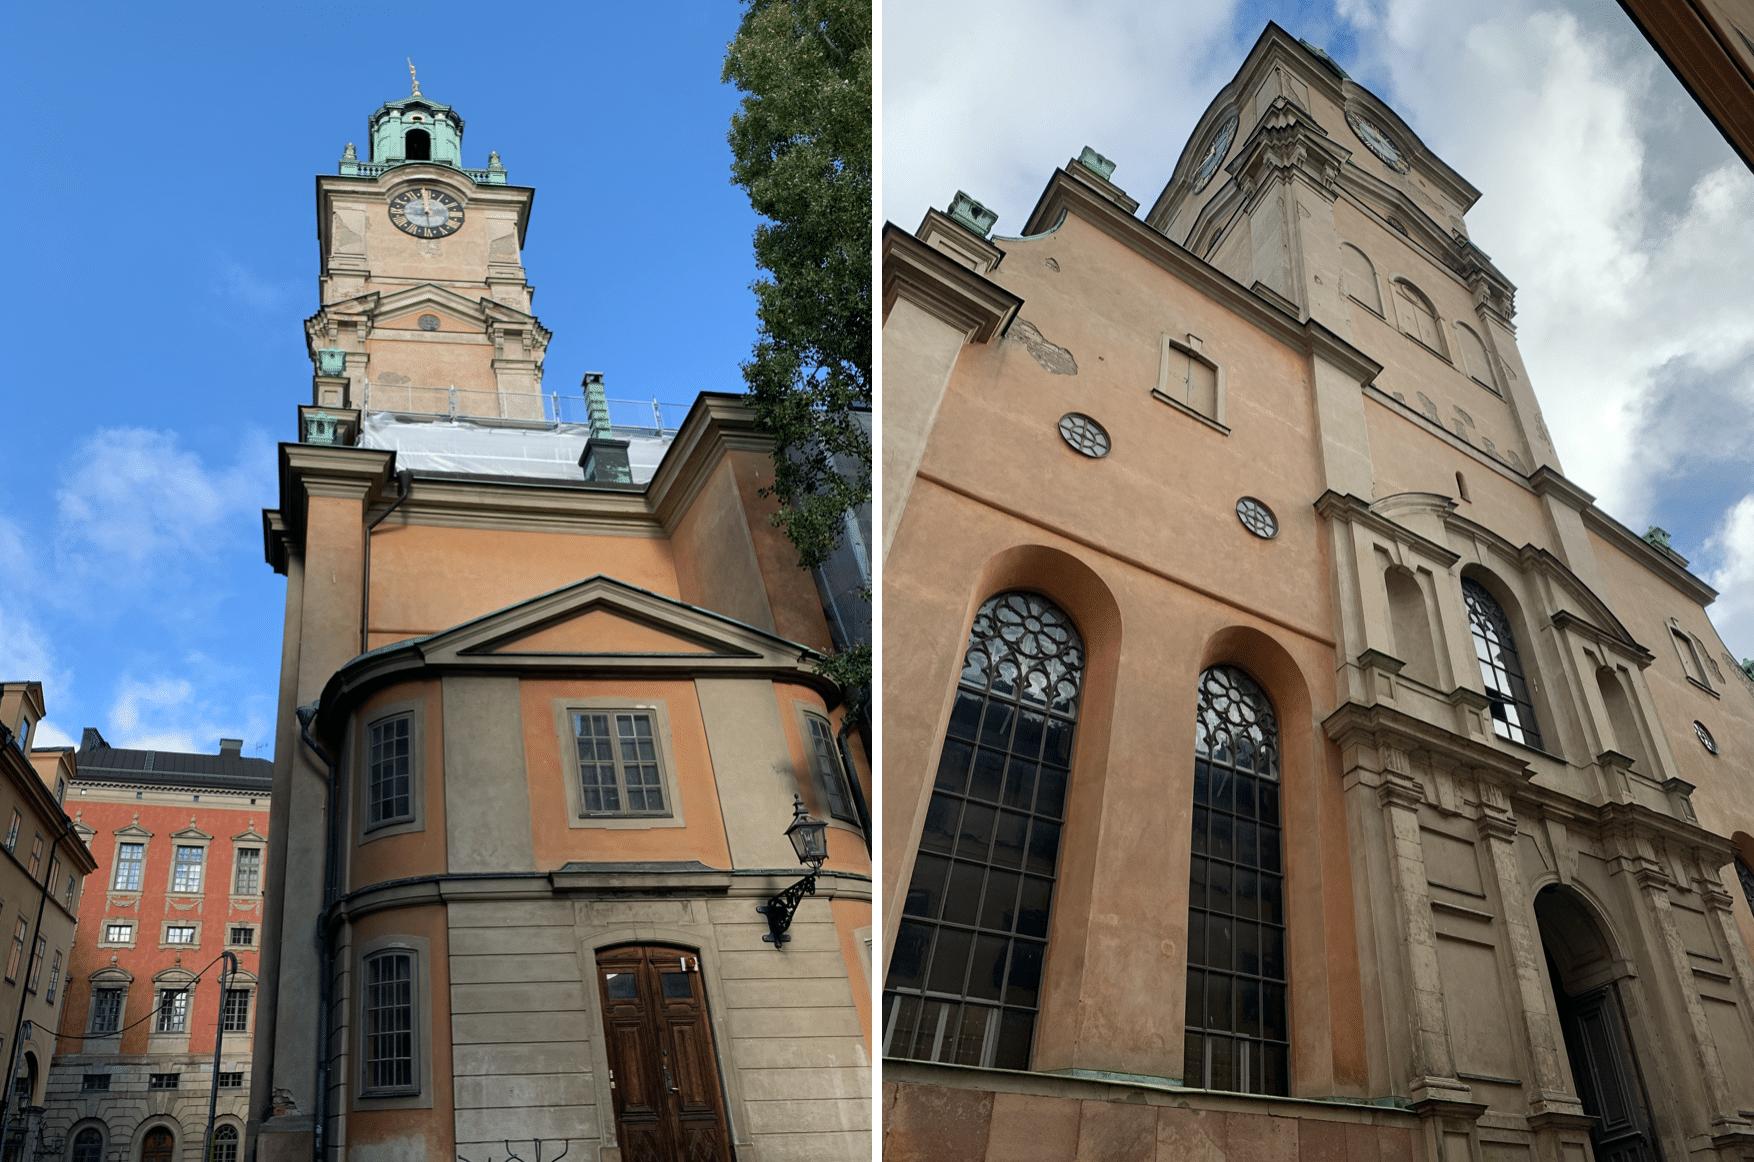 la cathedrale royale de stockholm